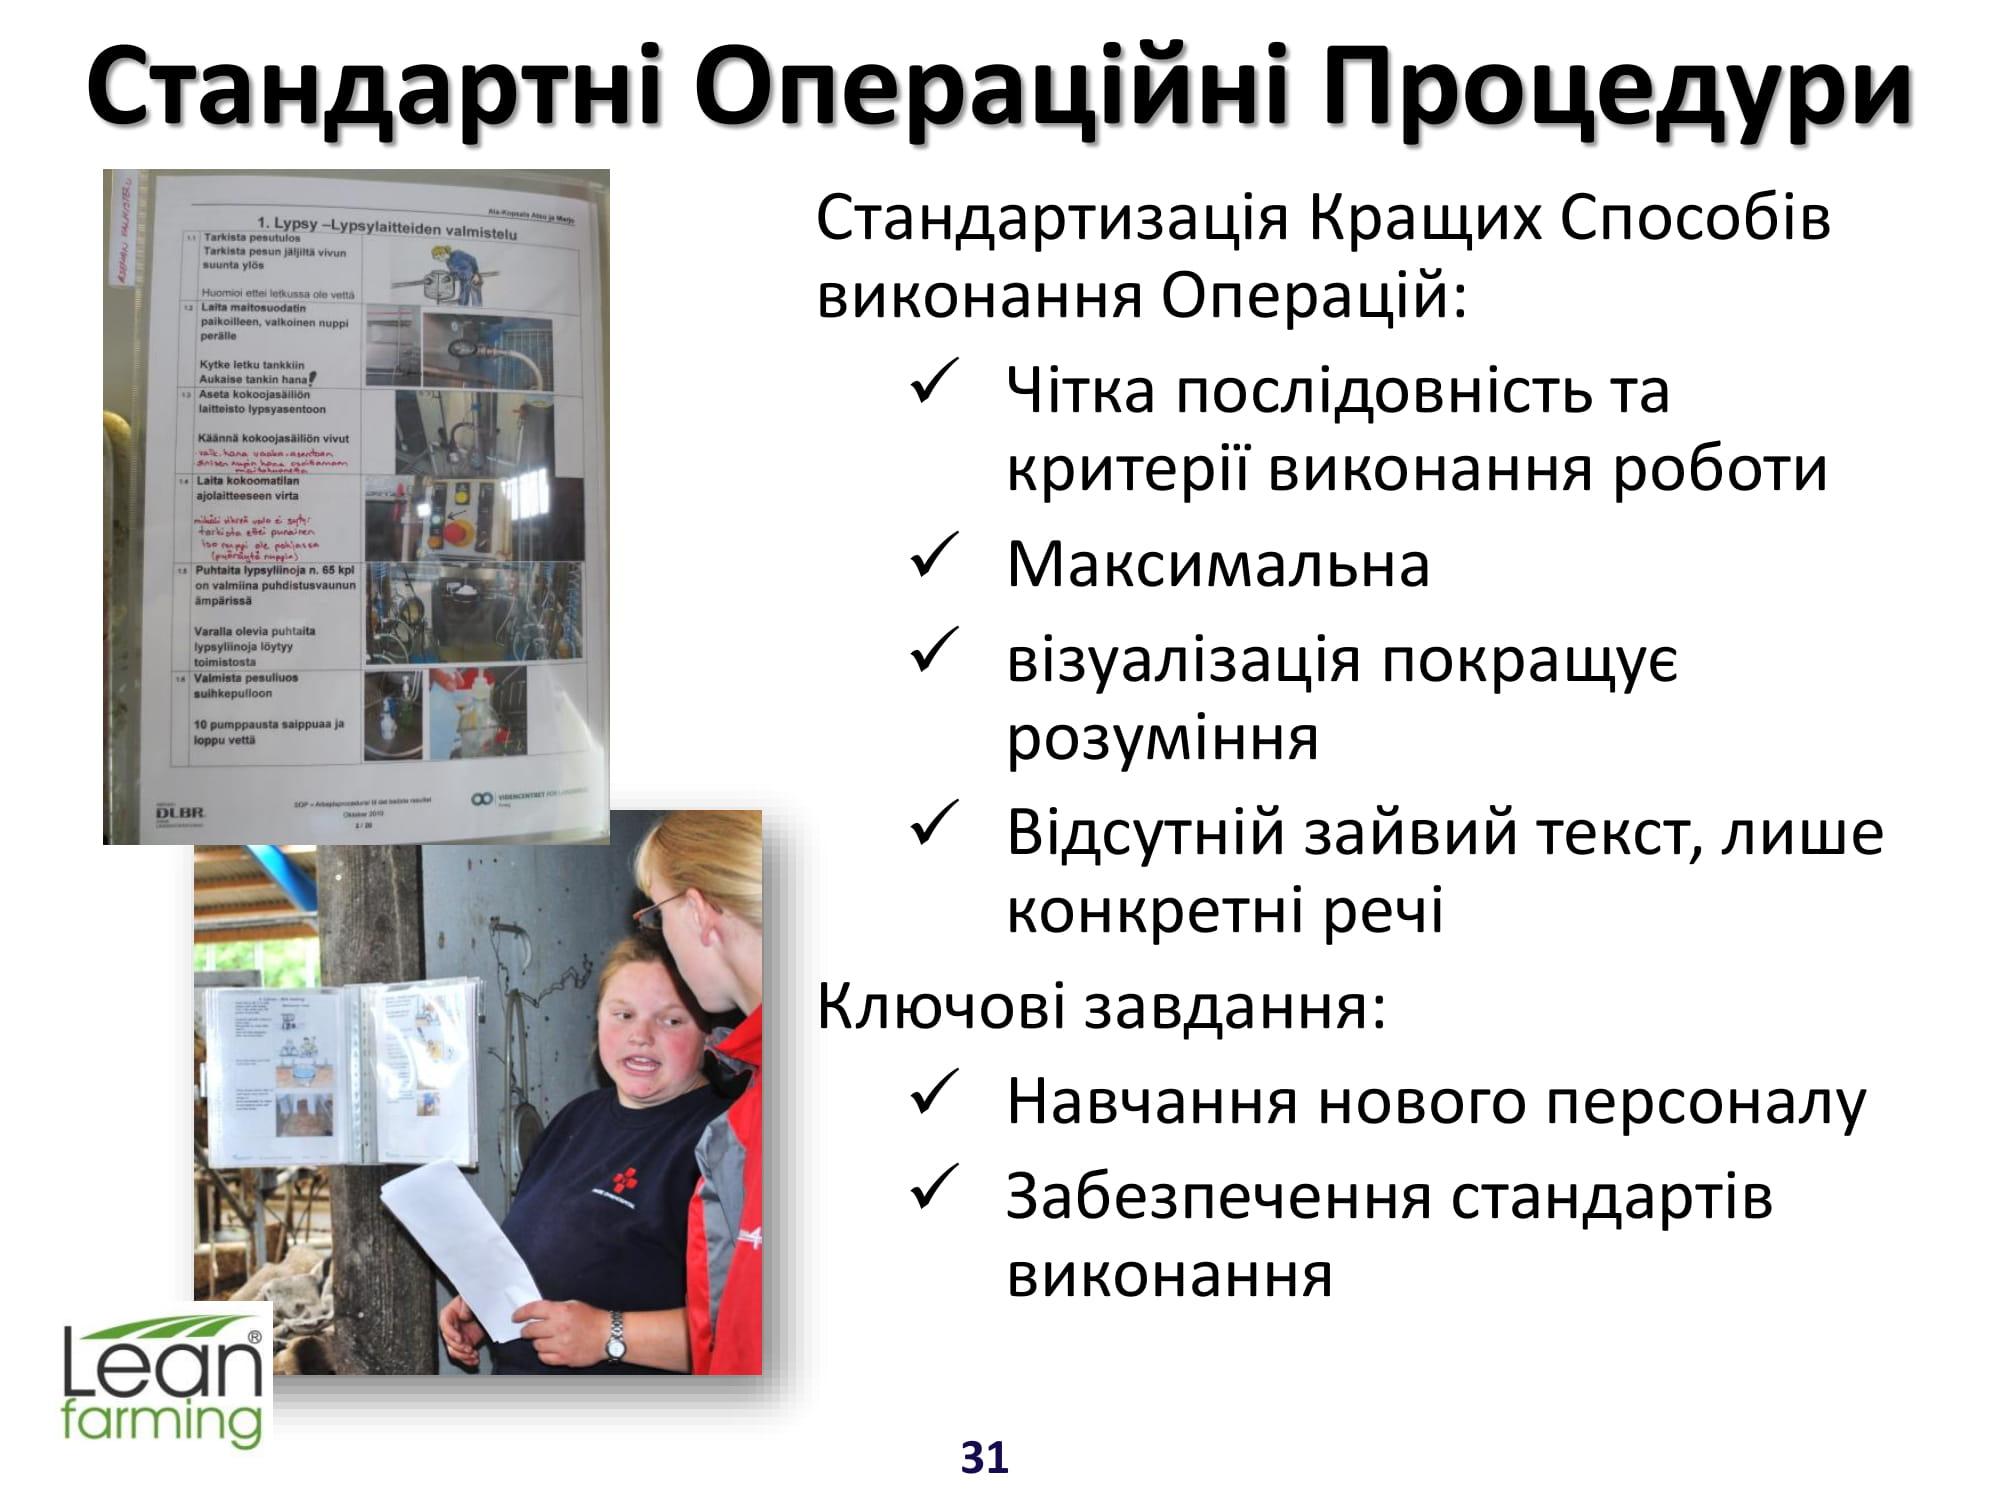 Romantsov Roman Oshhadlyve Fermerstvo 15 03 18 31